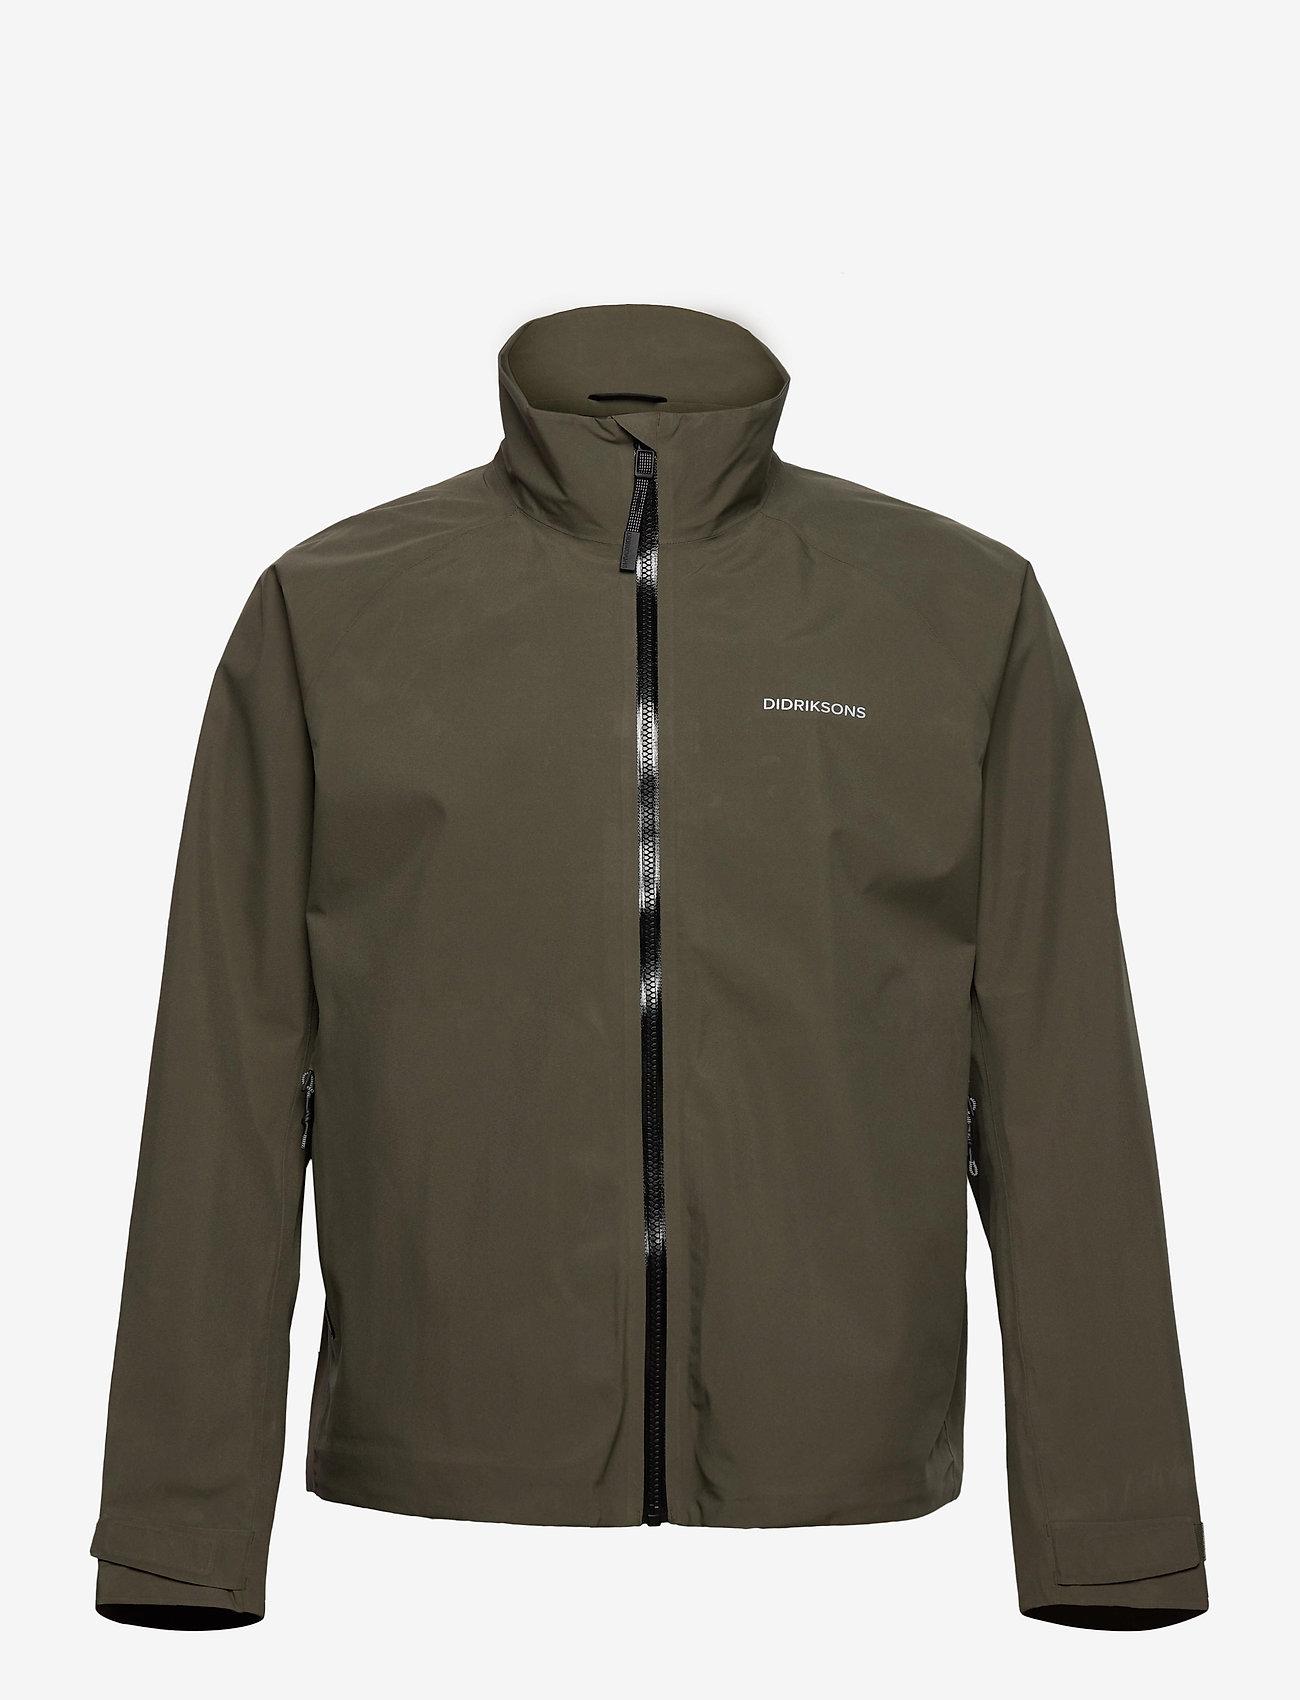 Didriksons - COLIN USX JKT - manteaux de pluie - fog green - 1